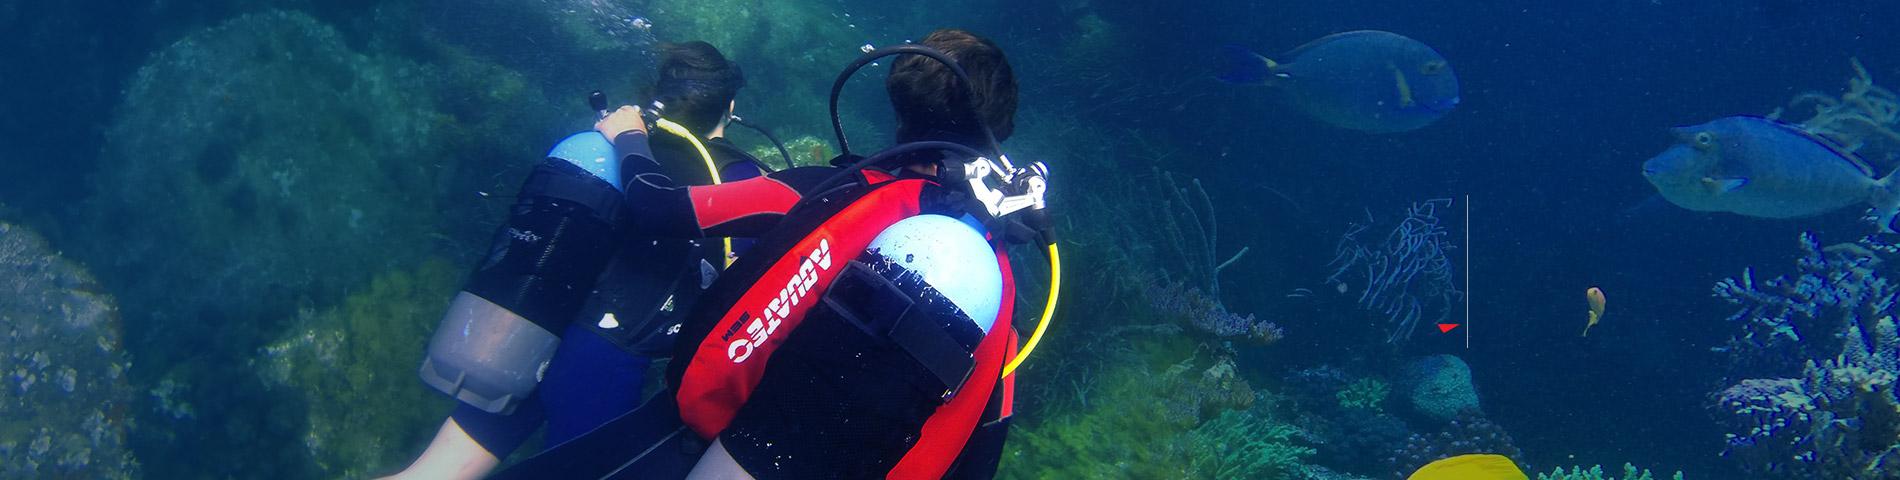 AQUATEC 给您一个独特难忘的海底世界